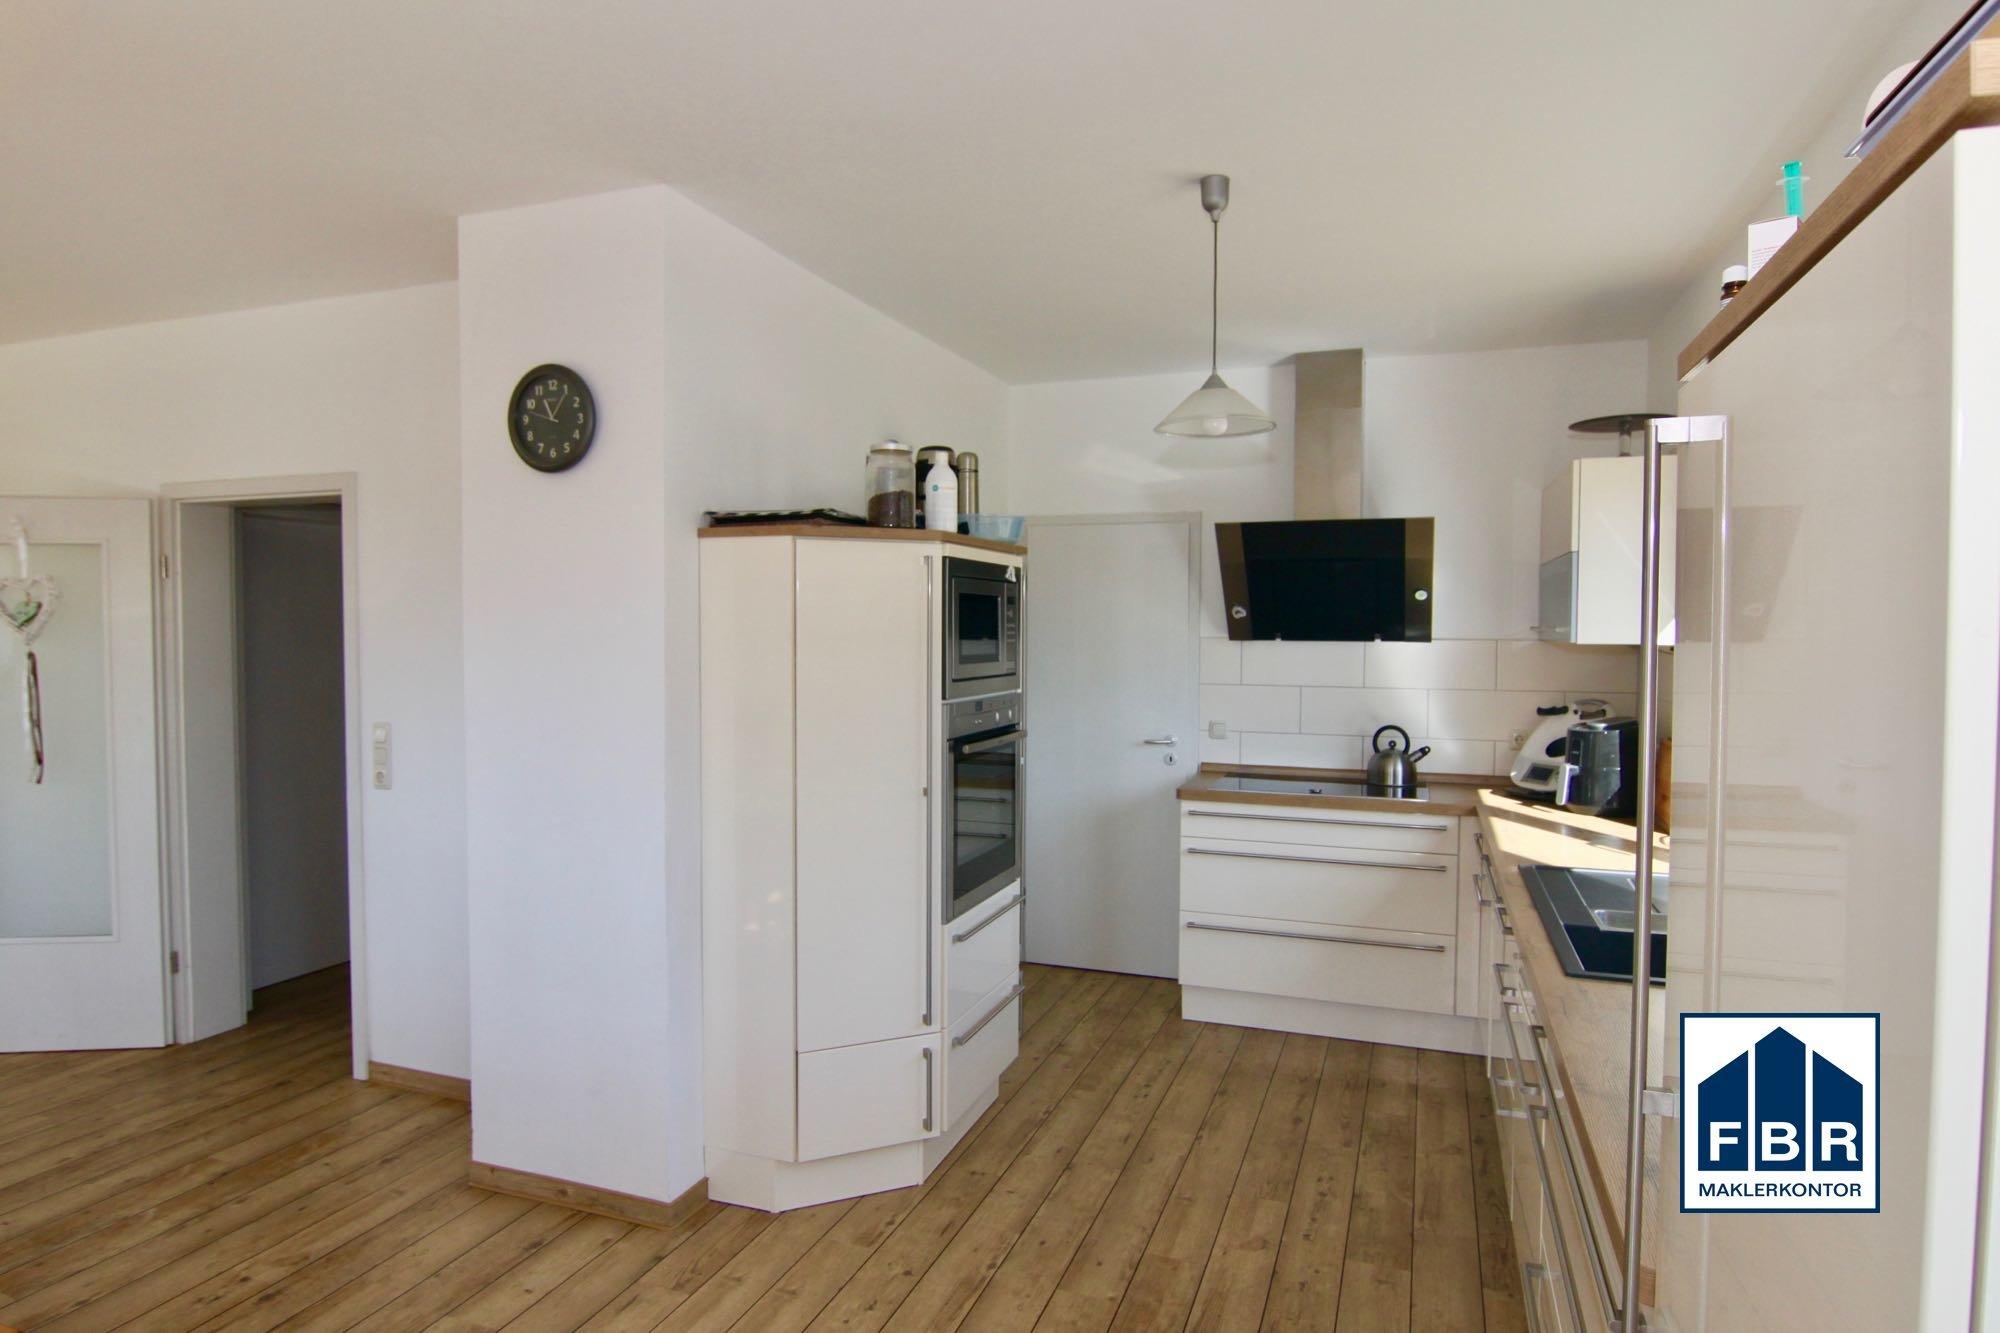 Küchenbereich - Teil 2